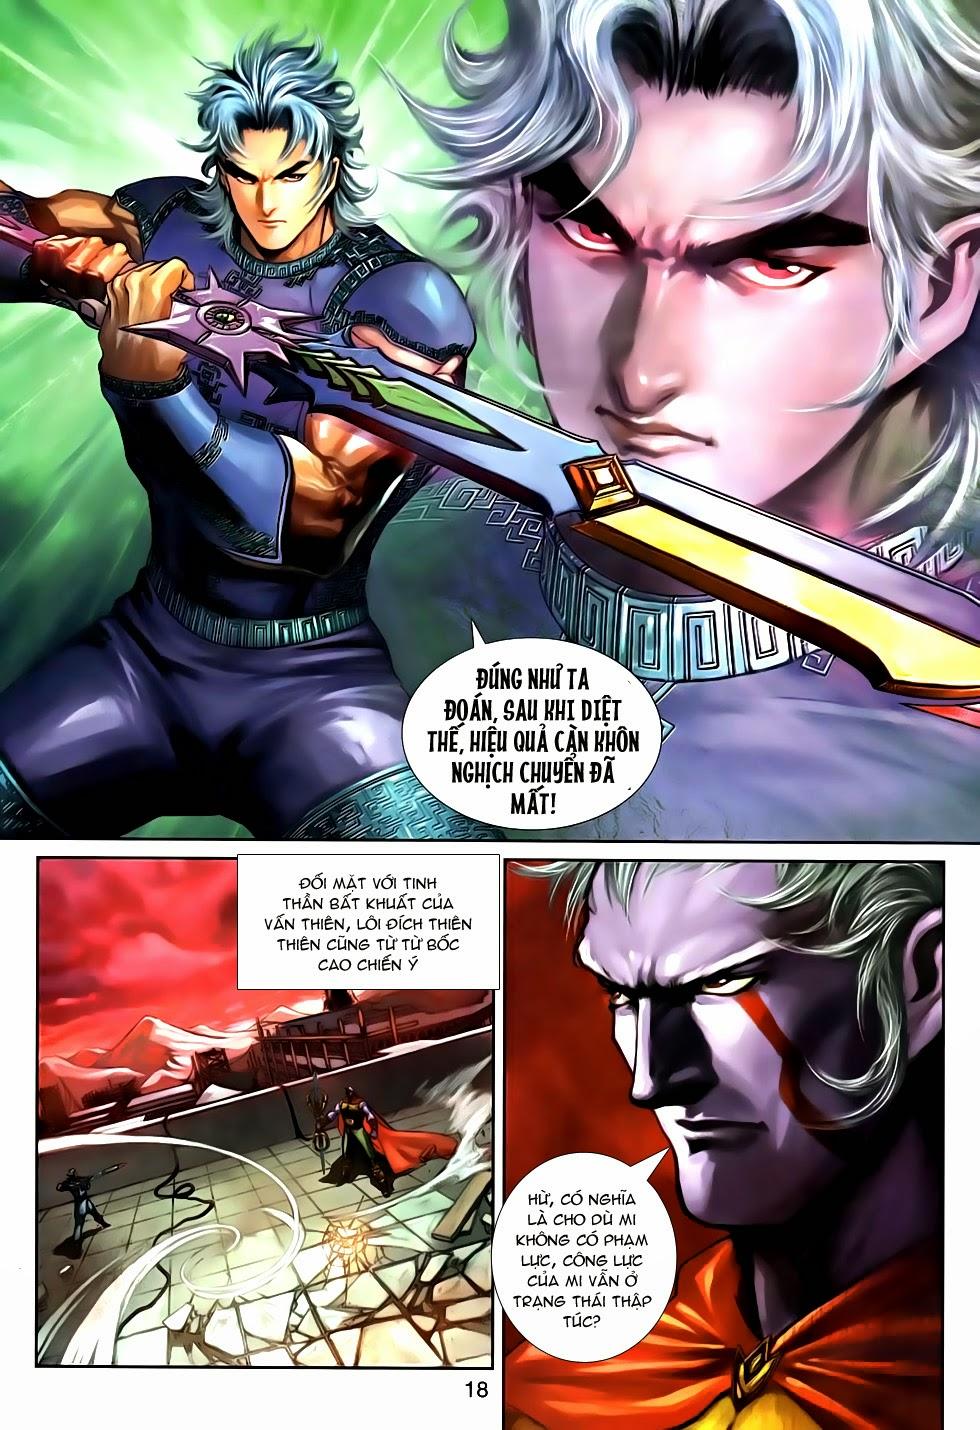 Thần Binh Tiền Truyện 2 chap 21 Trang 18 - Mangak.info